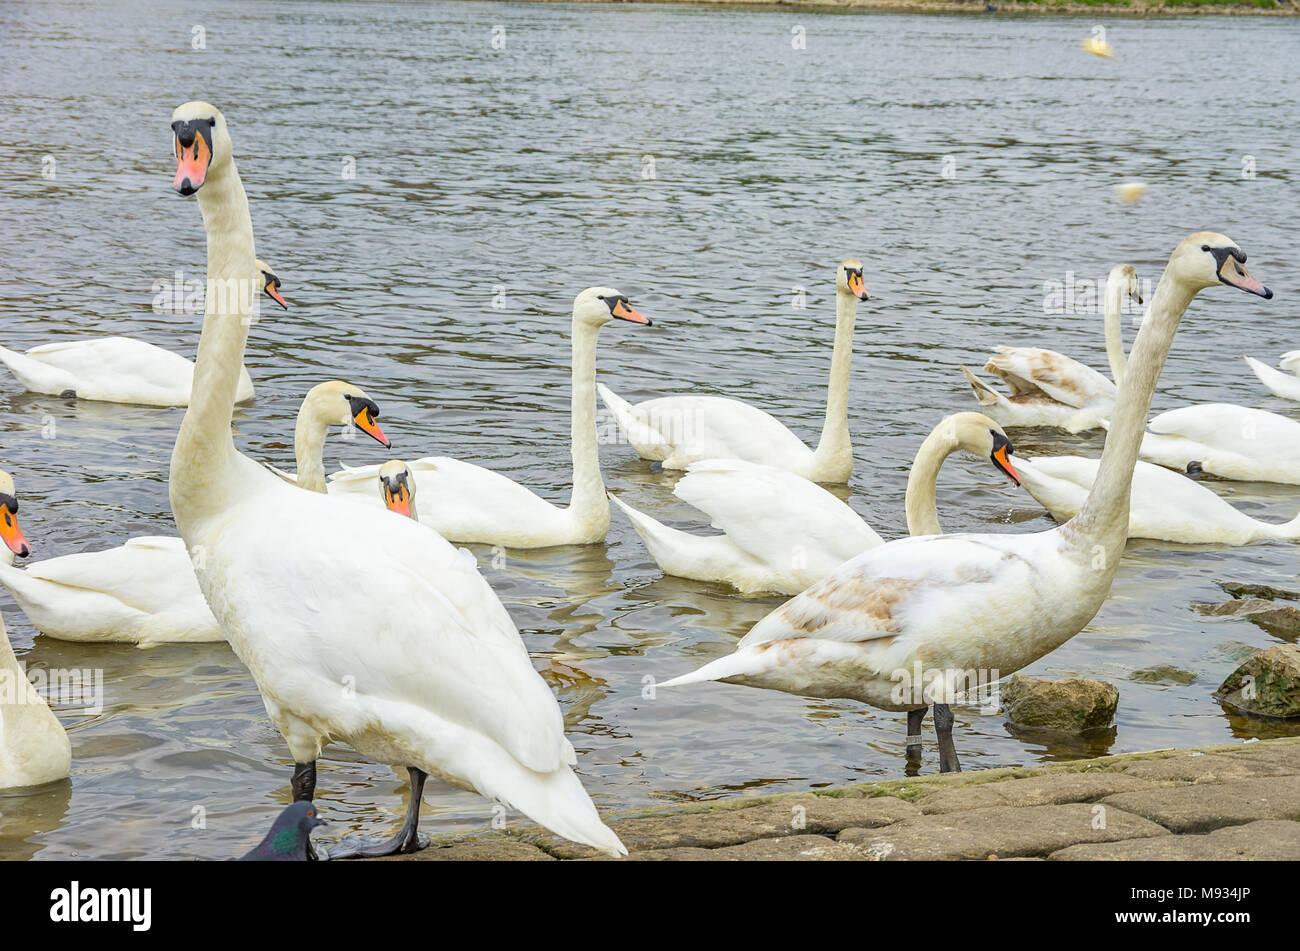 Höckerschwäne werden an den Ufern der Elbe in Dresden-Blasewitz, Sachsen, Deutschland eingespeist. Stockbild